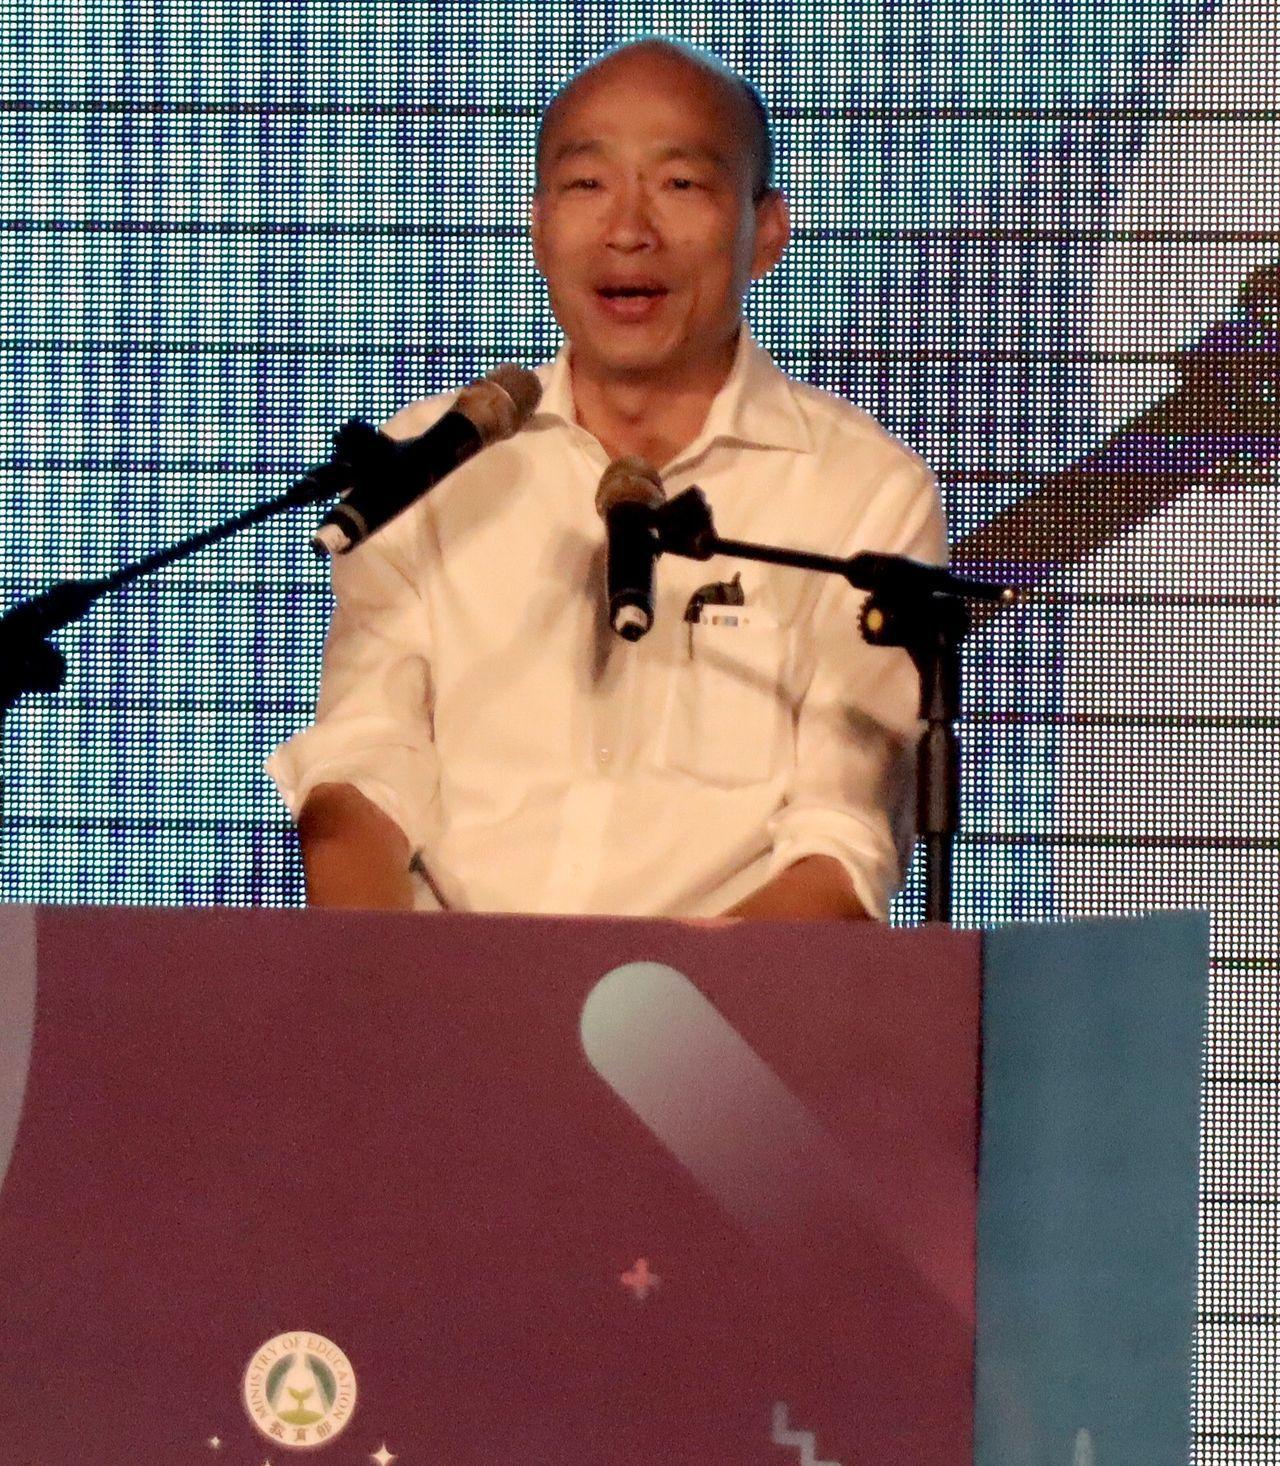 高雄市長韓國瑜今午出席教育部「校長領導教學卓越獎」,指教育及關懷弱勢兩件事做不好...